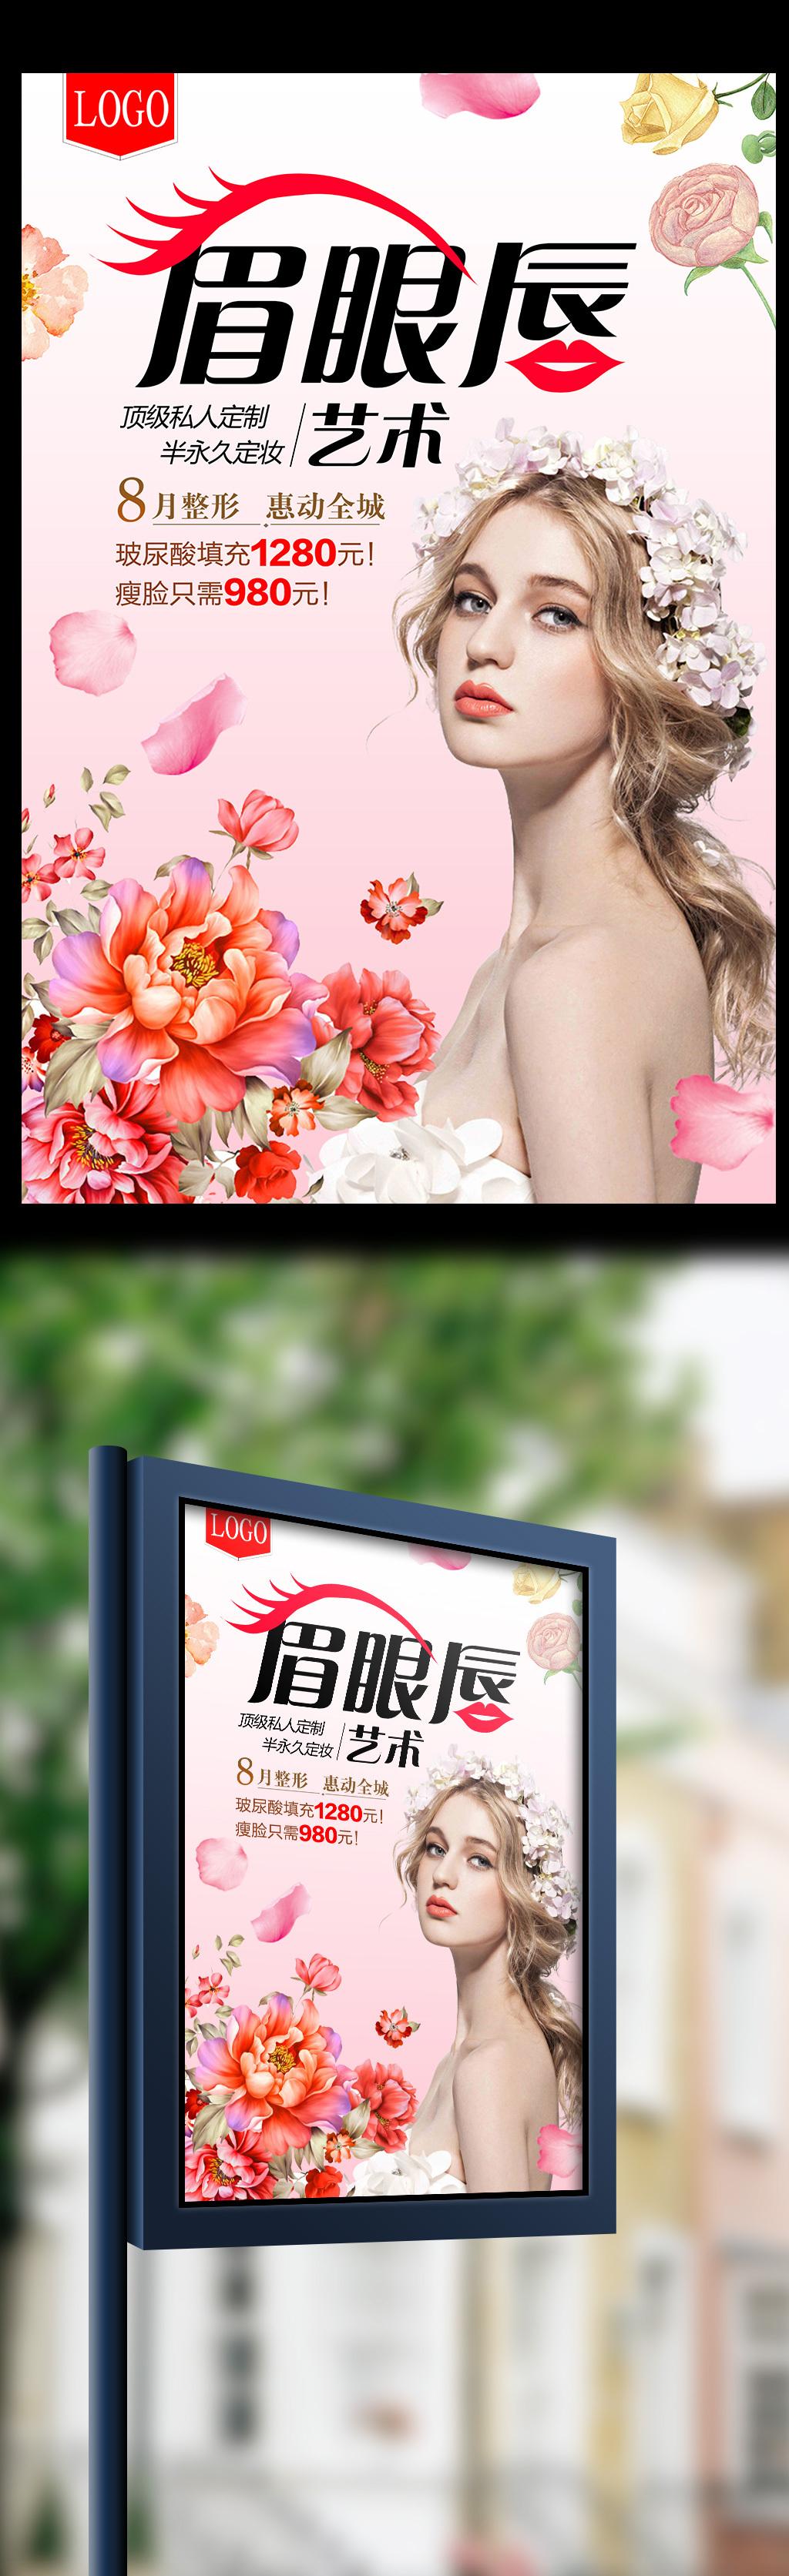 2017年手绘简约眉眼唇艺术美容海报